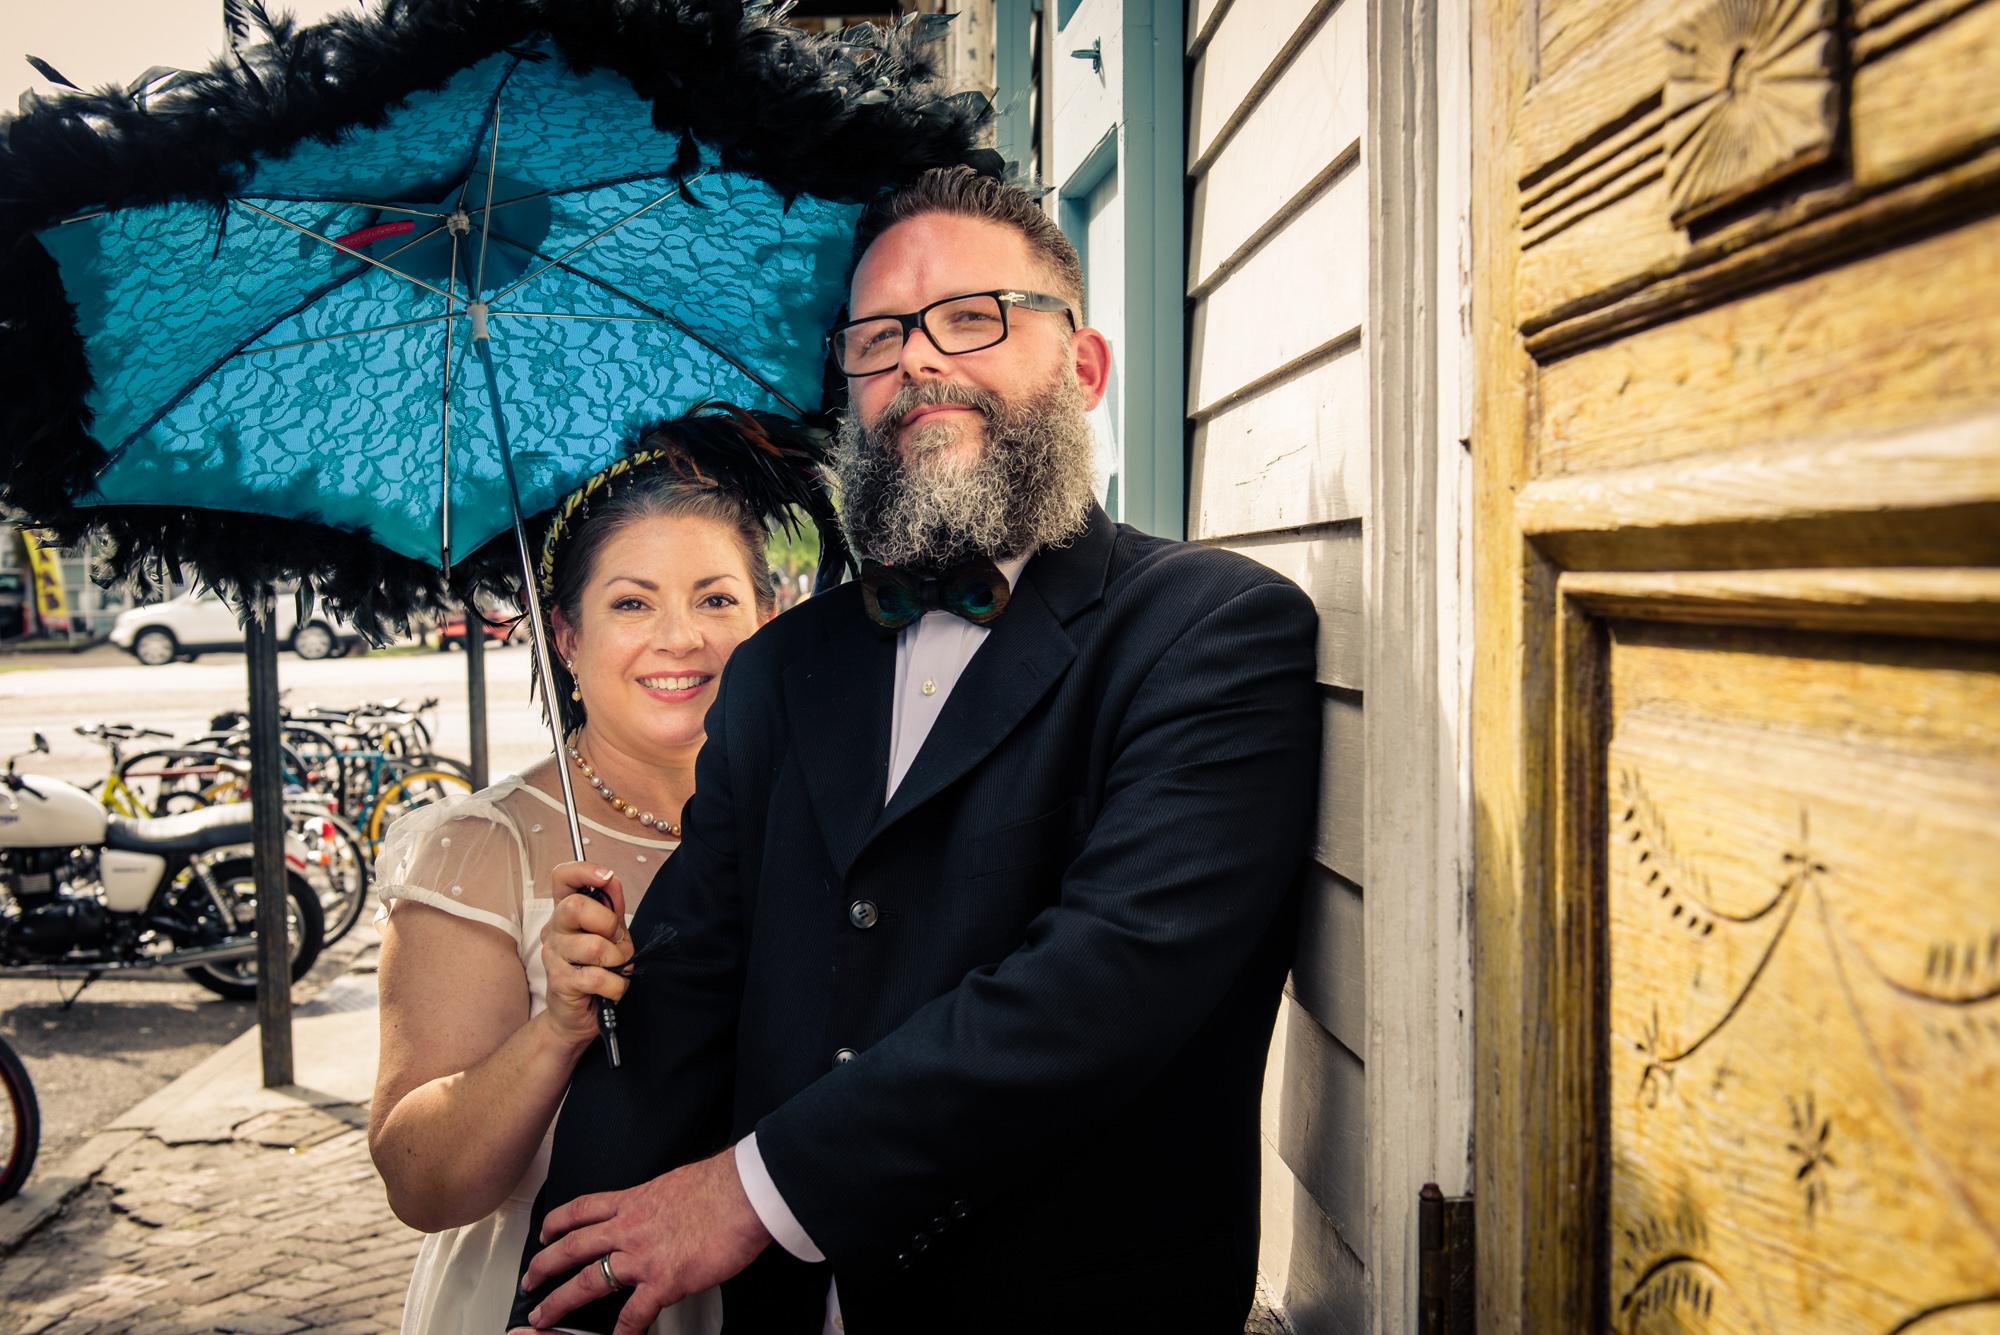 Scott-Myers-Photography-WeddingScott_Myers_Weddings-9406.jpg